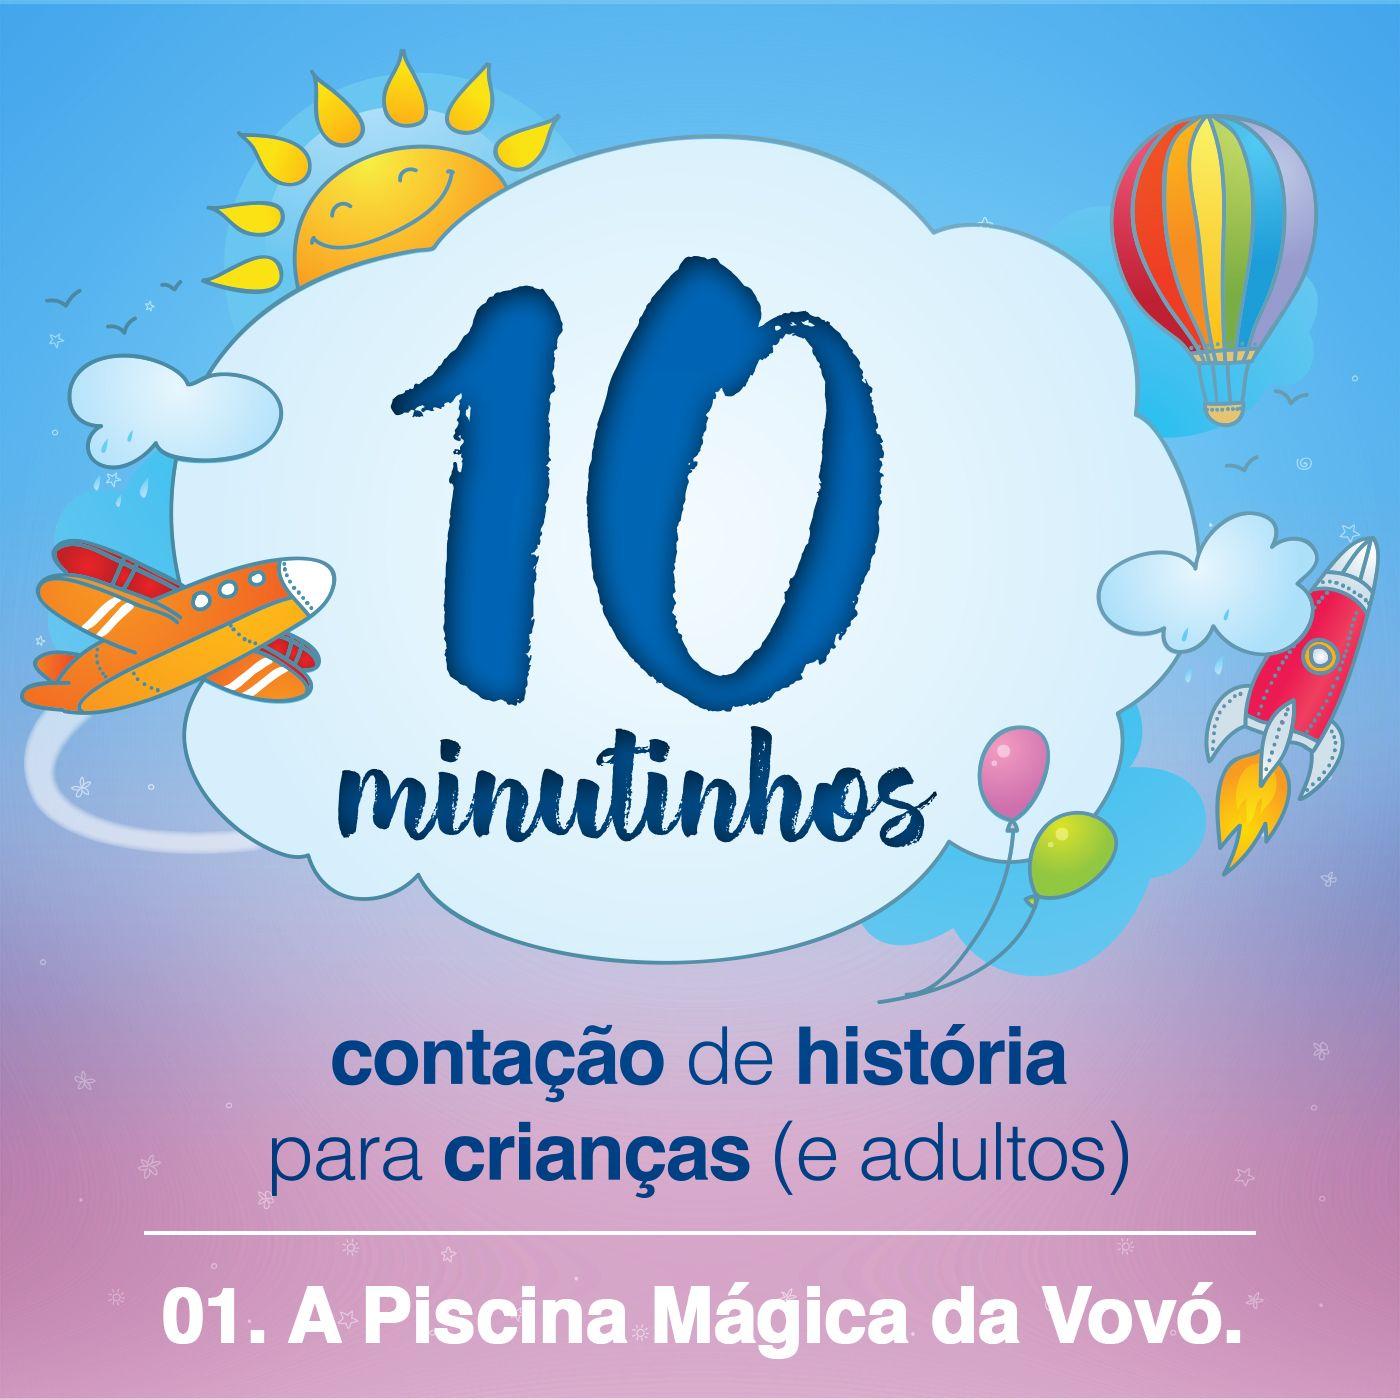 10 Minutinhos #01 - A Piscina Mágica da Vovó - Parte 01